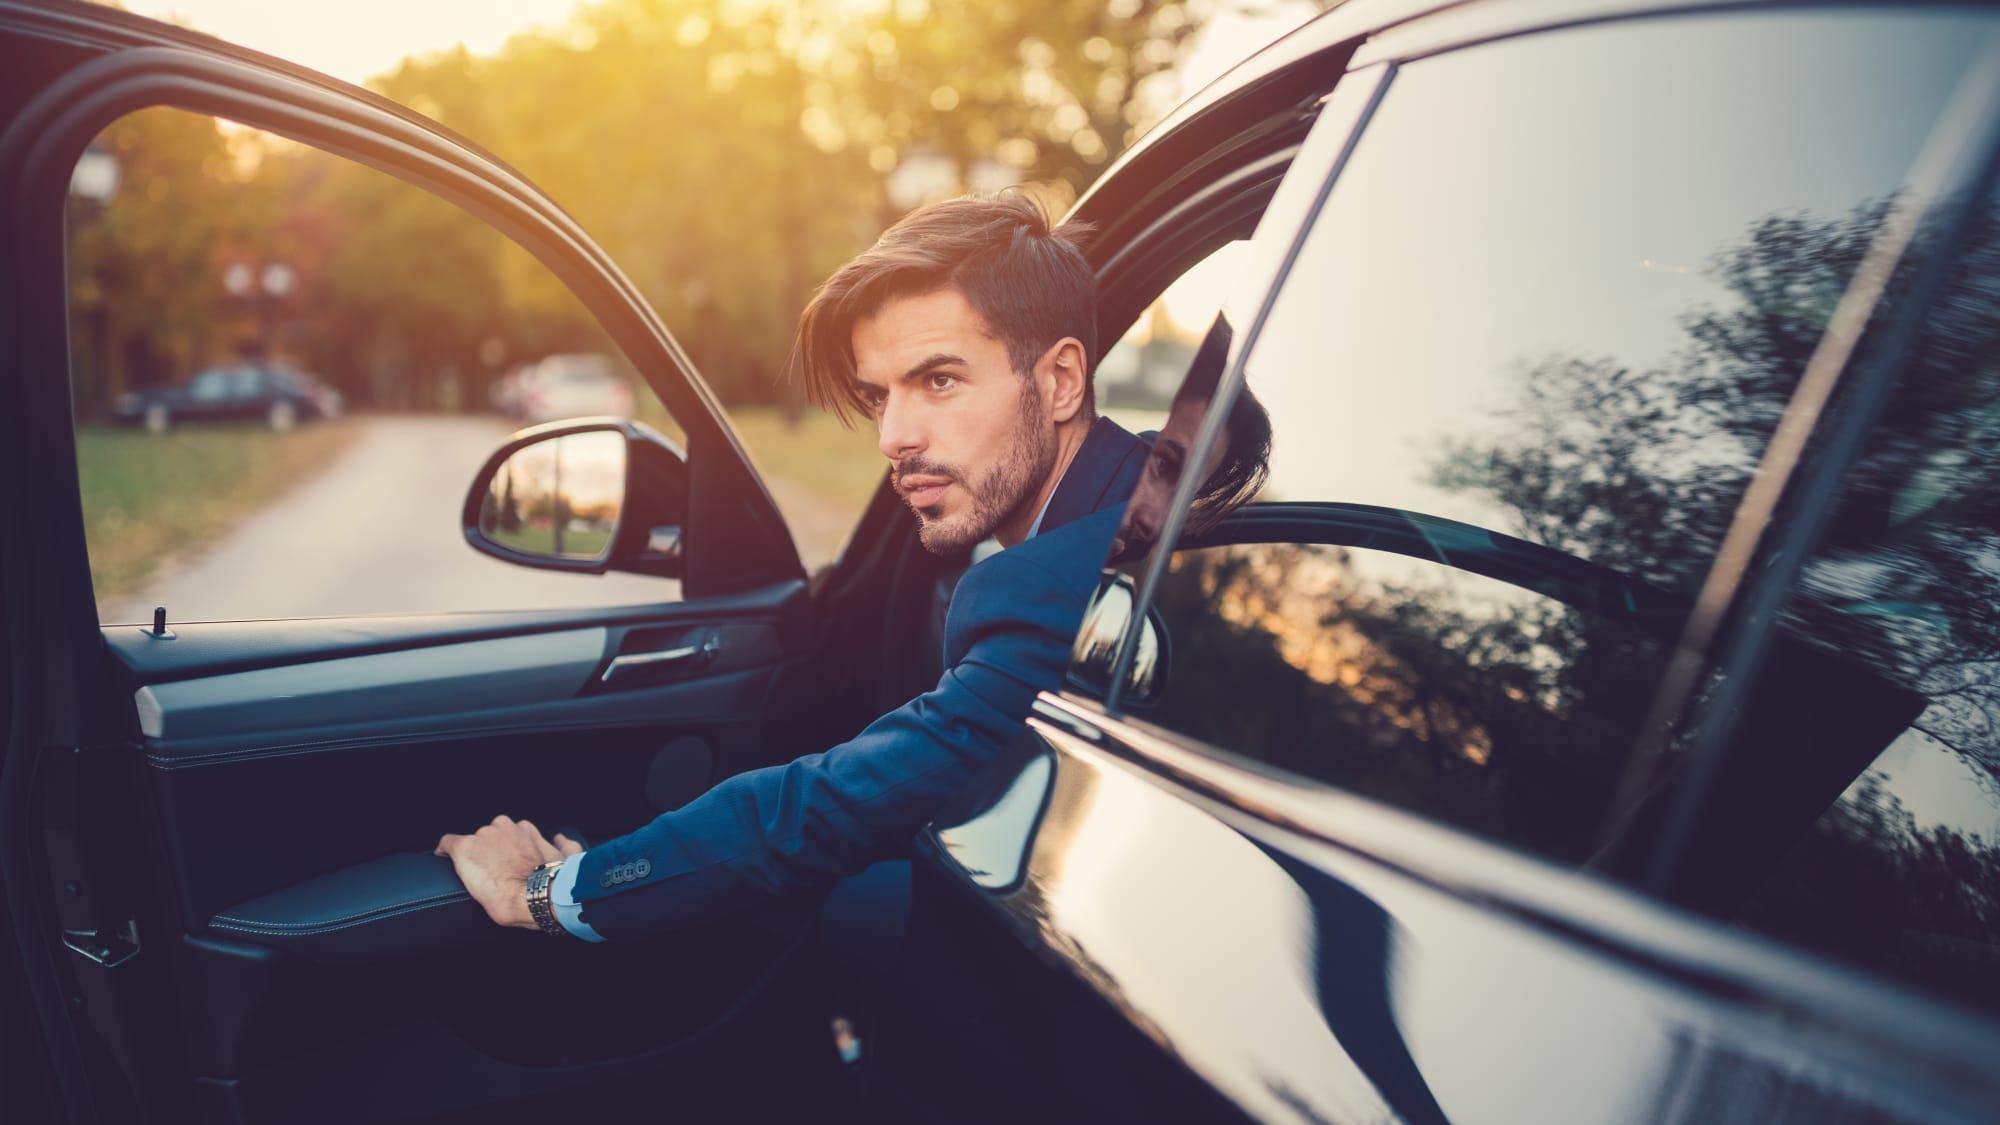 Junger Mann steigt aus dem Auto aus